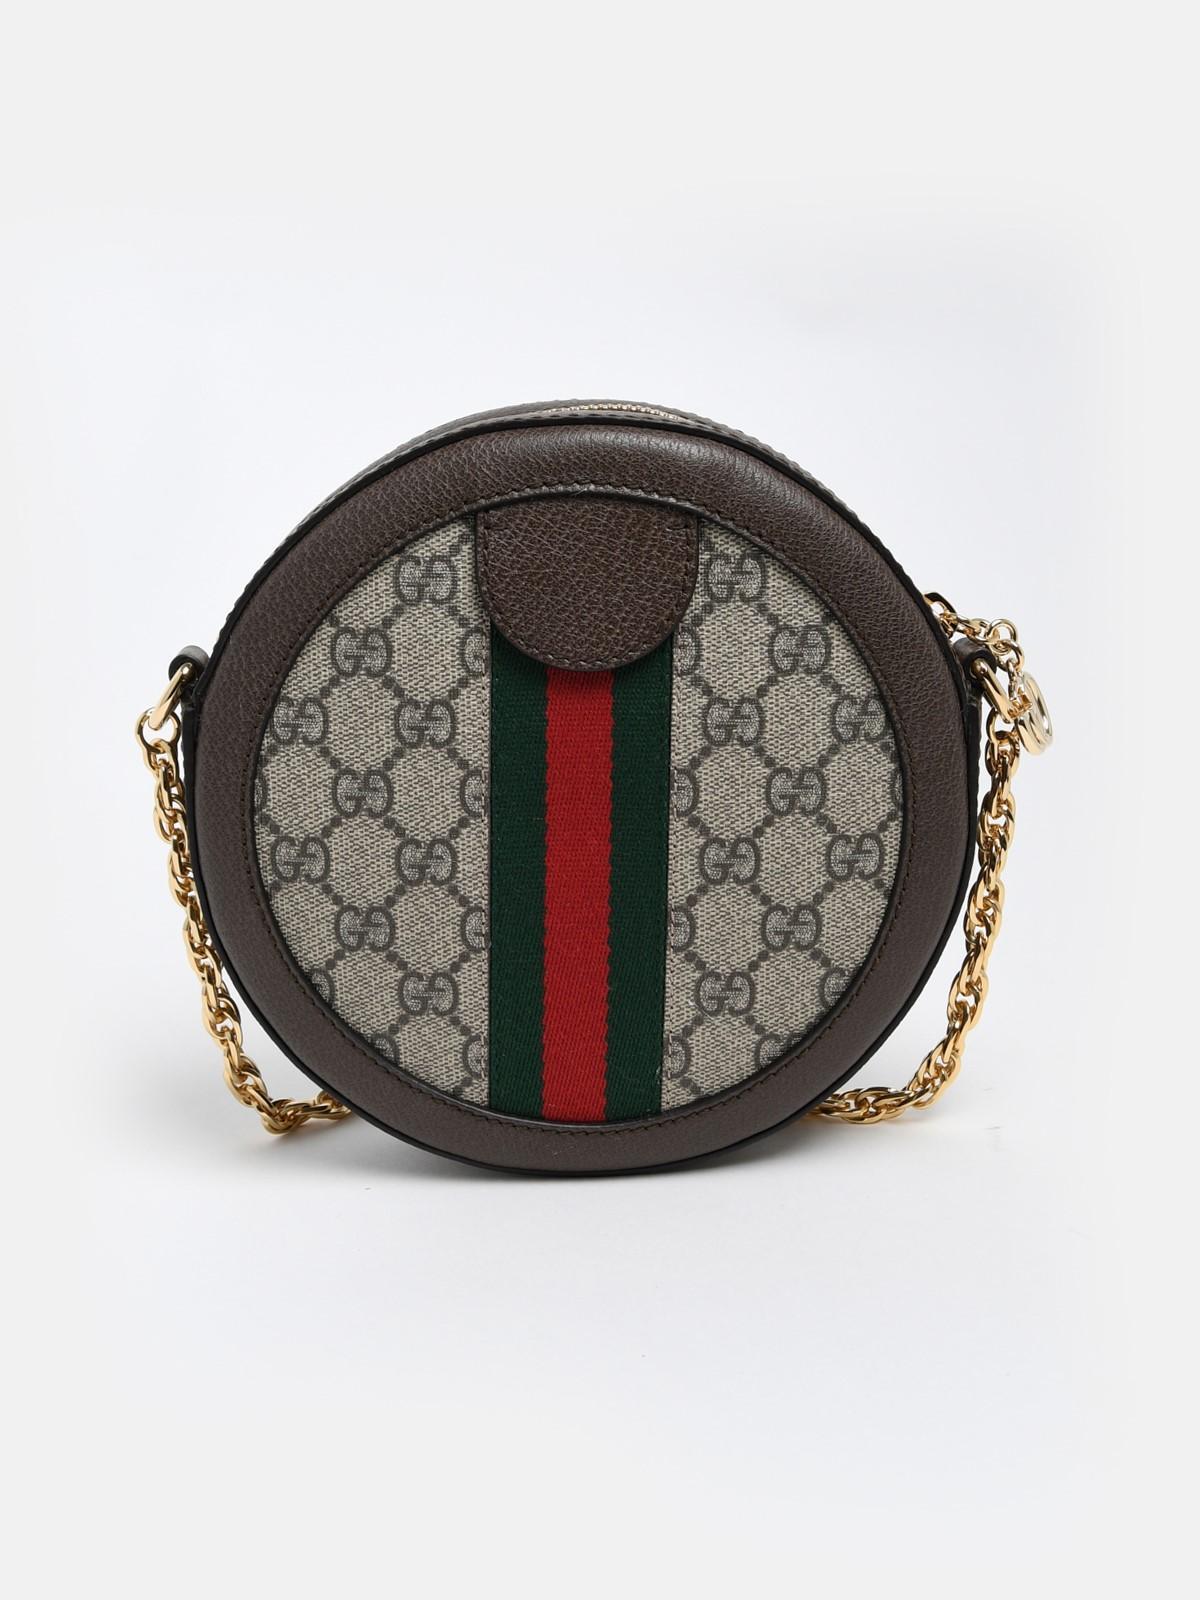 bfe1fdc50dbb Gucci - Multicolor Borsa Ophidia Tonda GGSUPREME - Lyst. View fullscreen